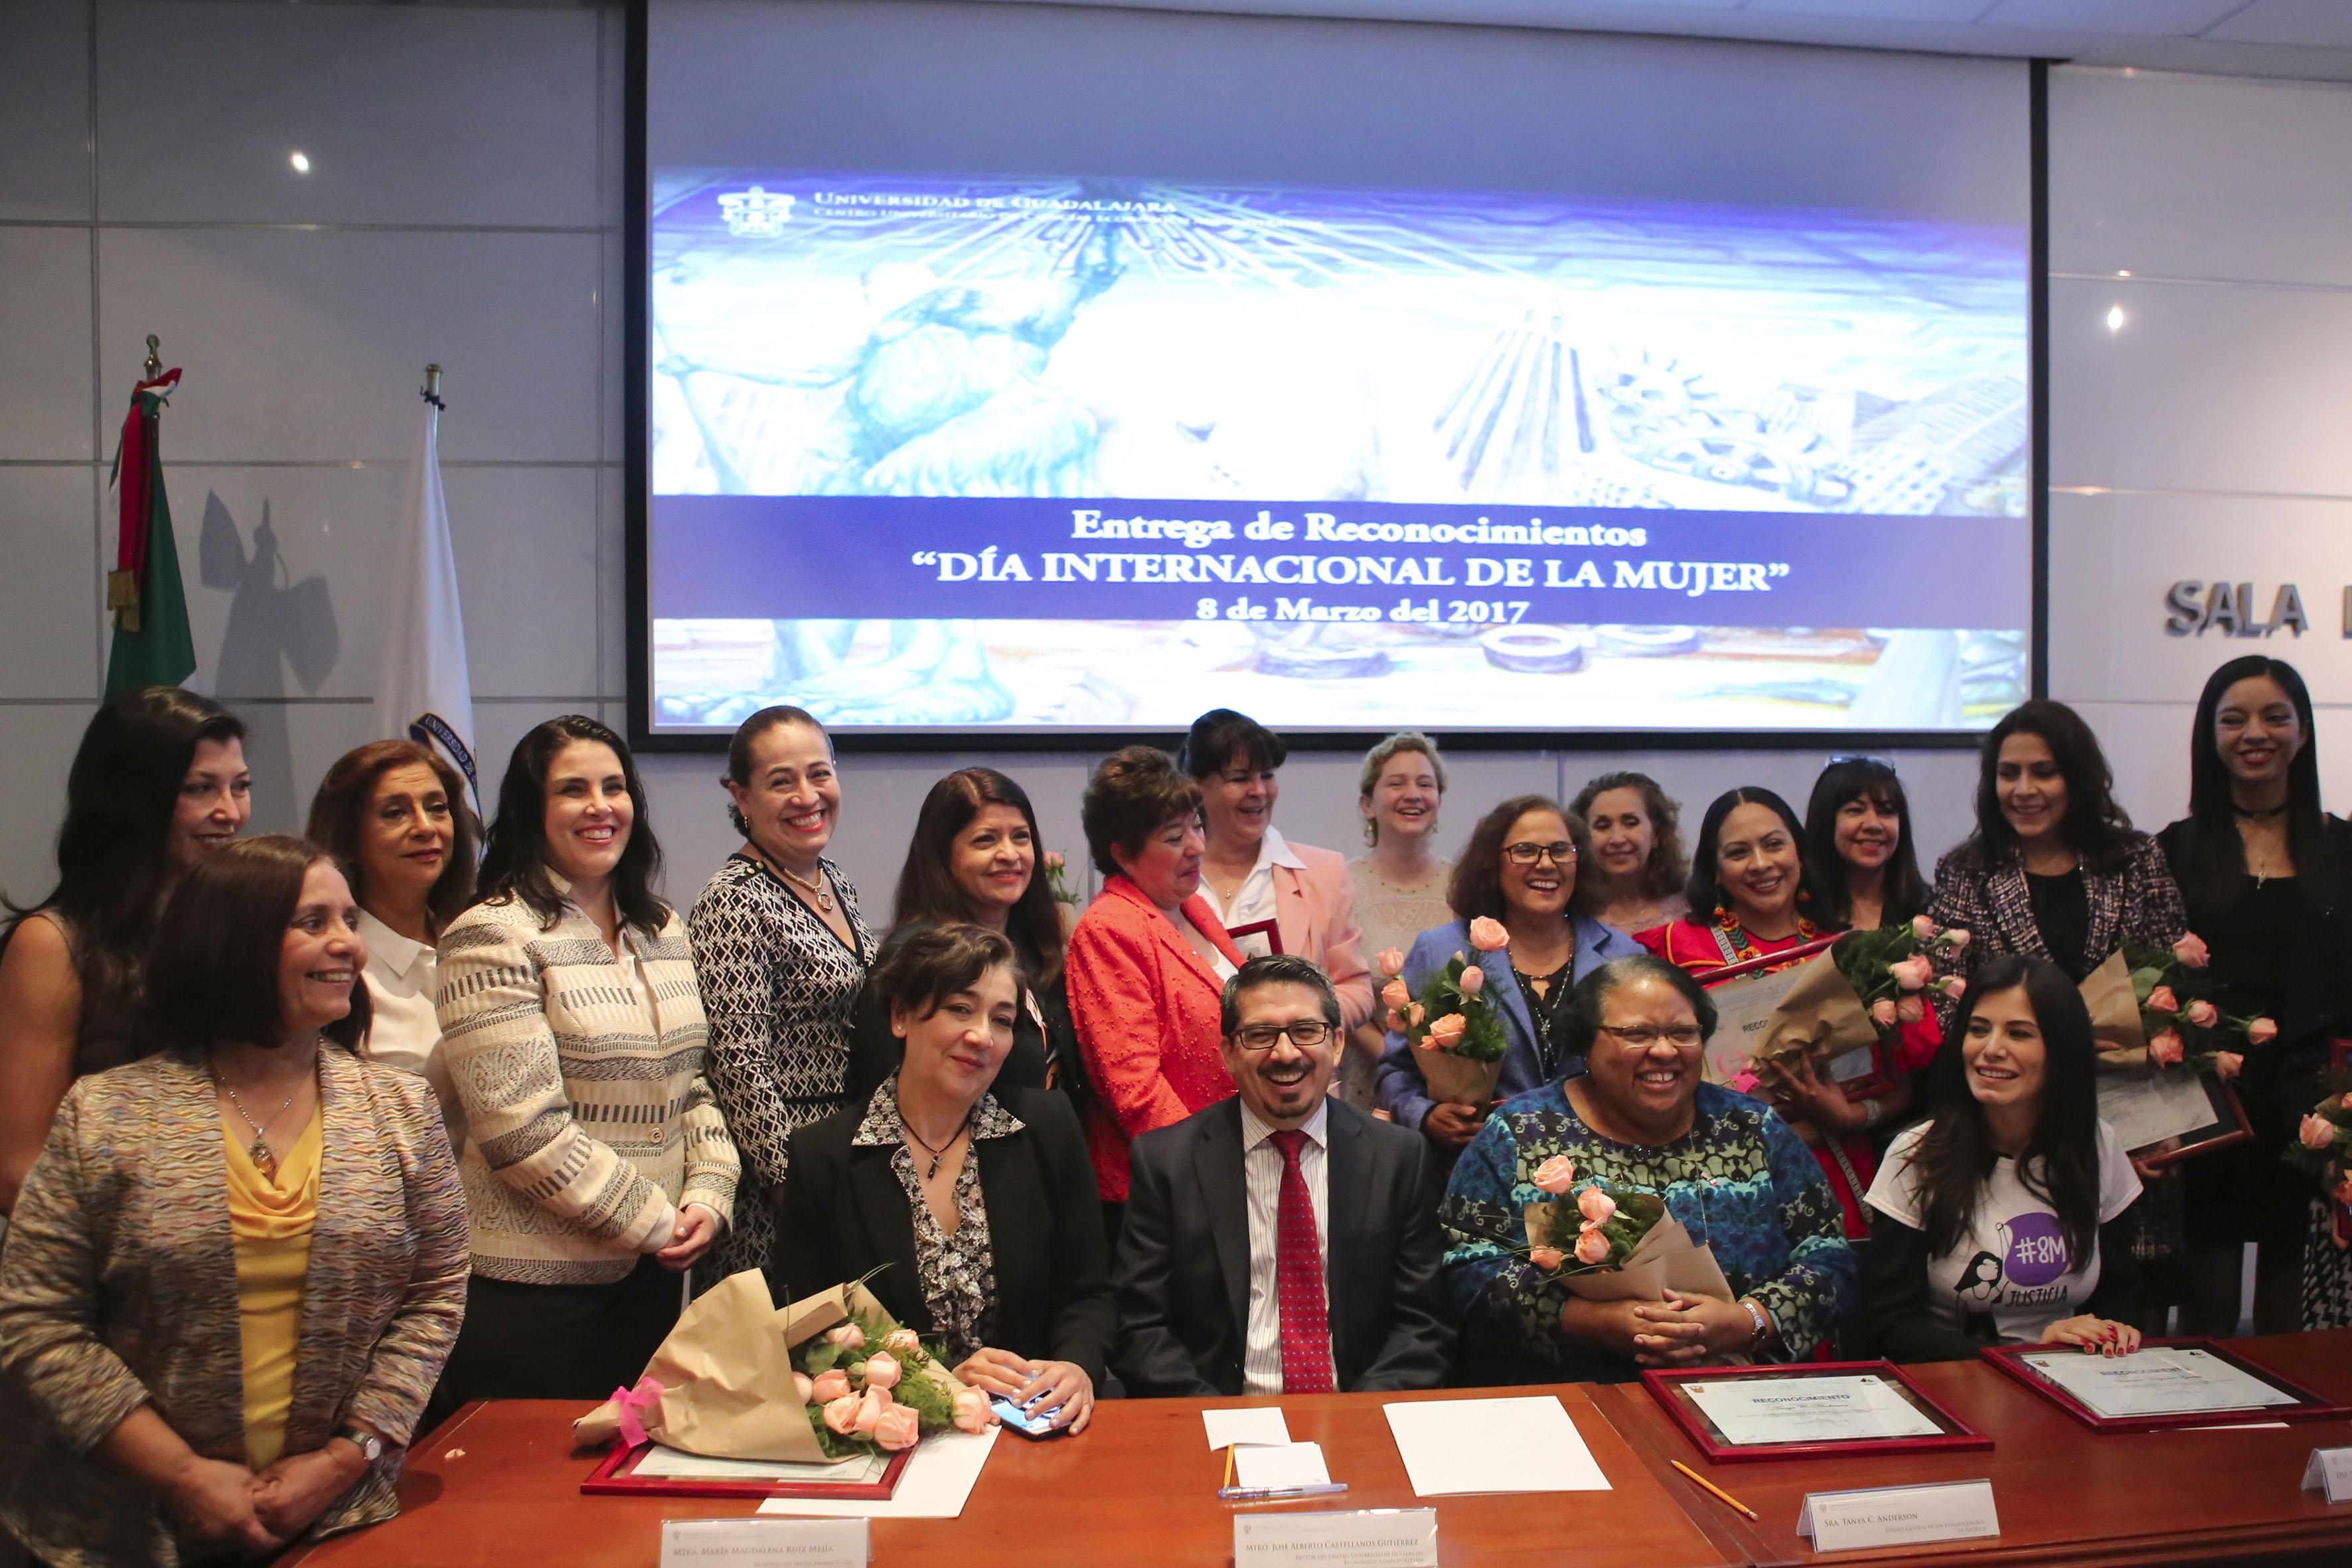 Momento fotográfico del grupo de mujeres, reconocidas por su labor en los ámbitos educativo, profesional y social.